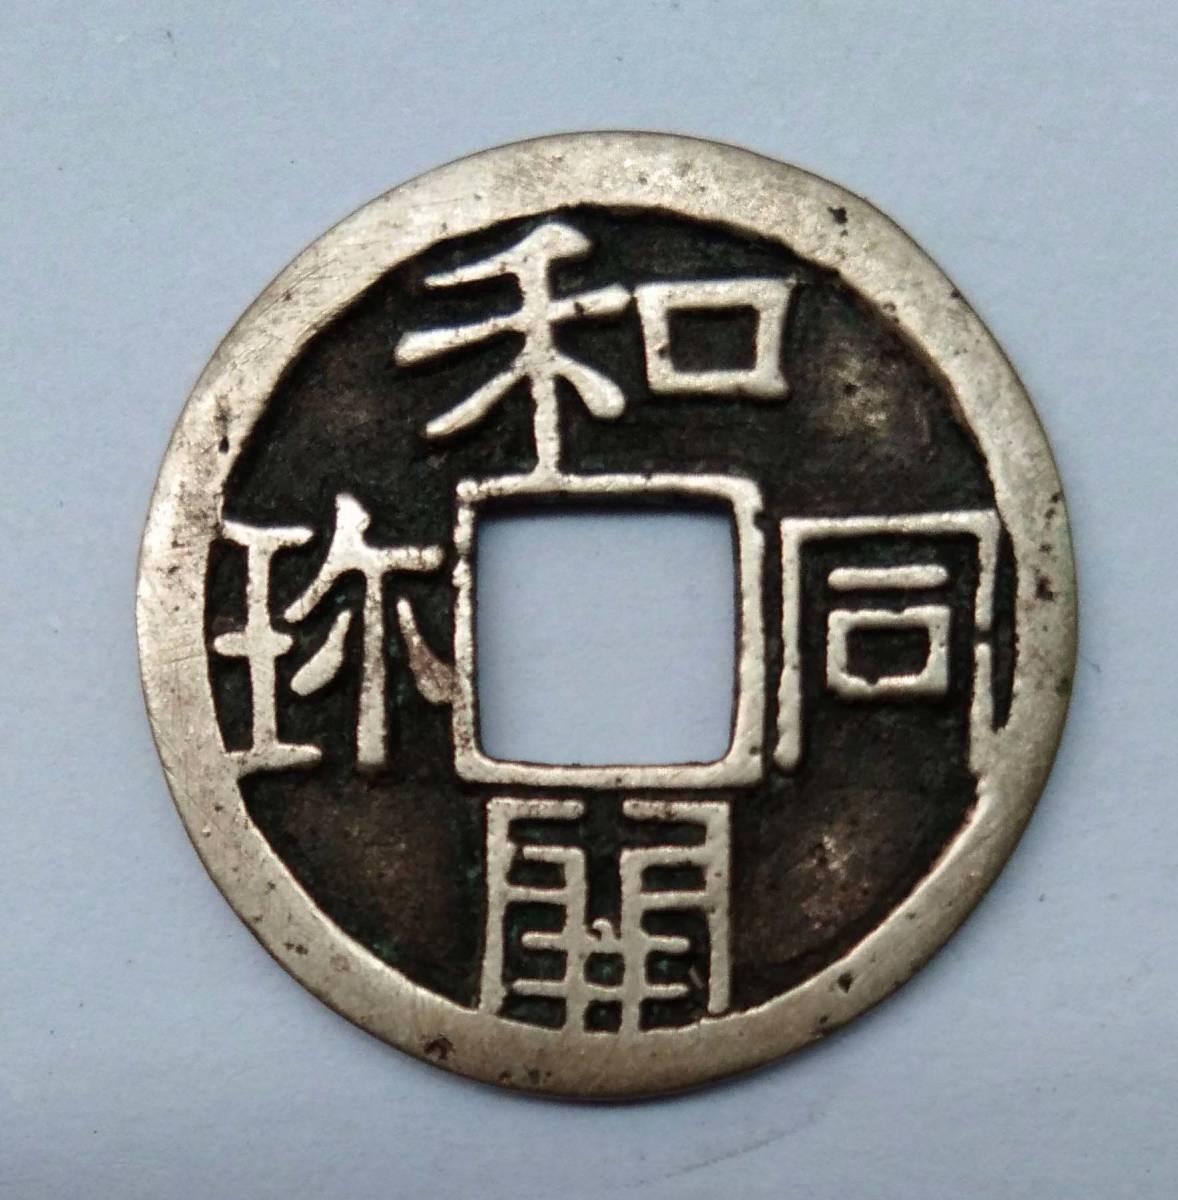 古銭 日本 銀貨 和同開珎 奈良朝 元明天皇 皇朝銭 皇朝十二銭 銀銭